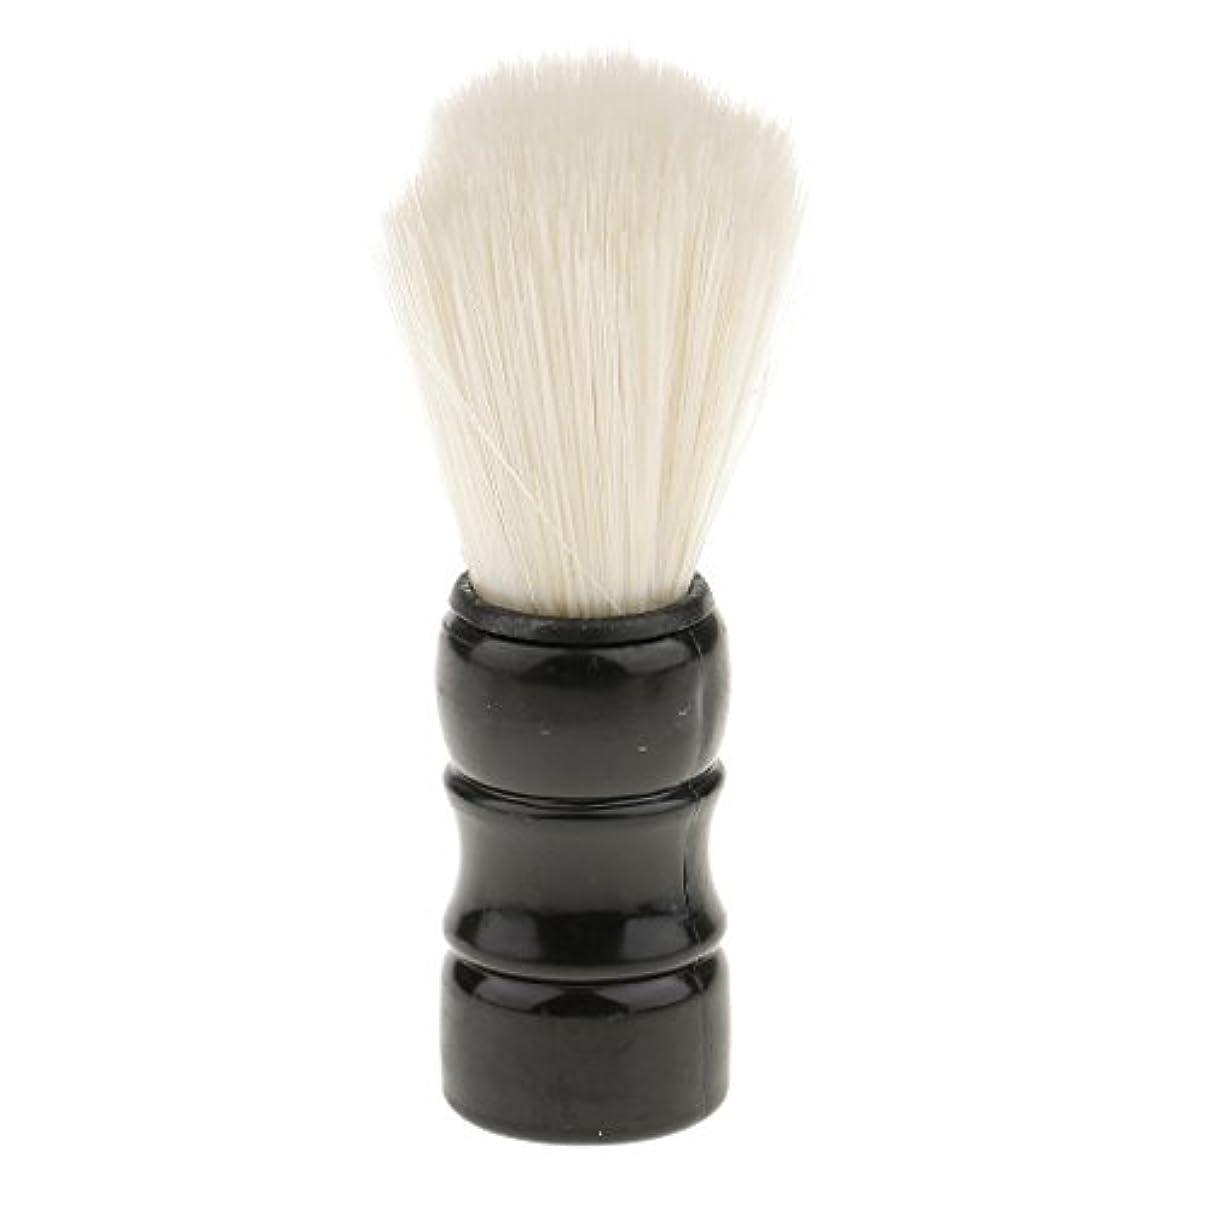 古い廃棄する掃除Hellery シェービングブラシ 男性 口ひげ トリミング ナイロンブラシ シェービングツール 髭剃り 全2色 - ブラック